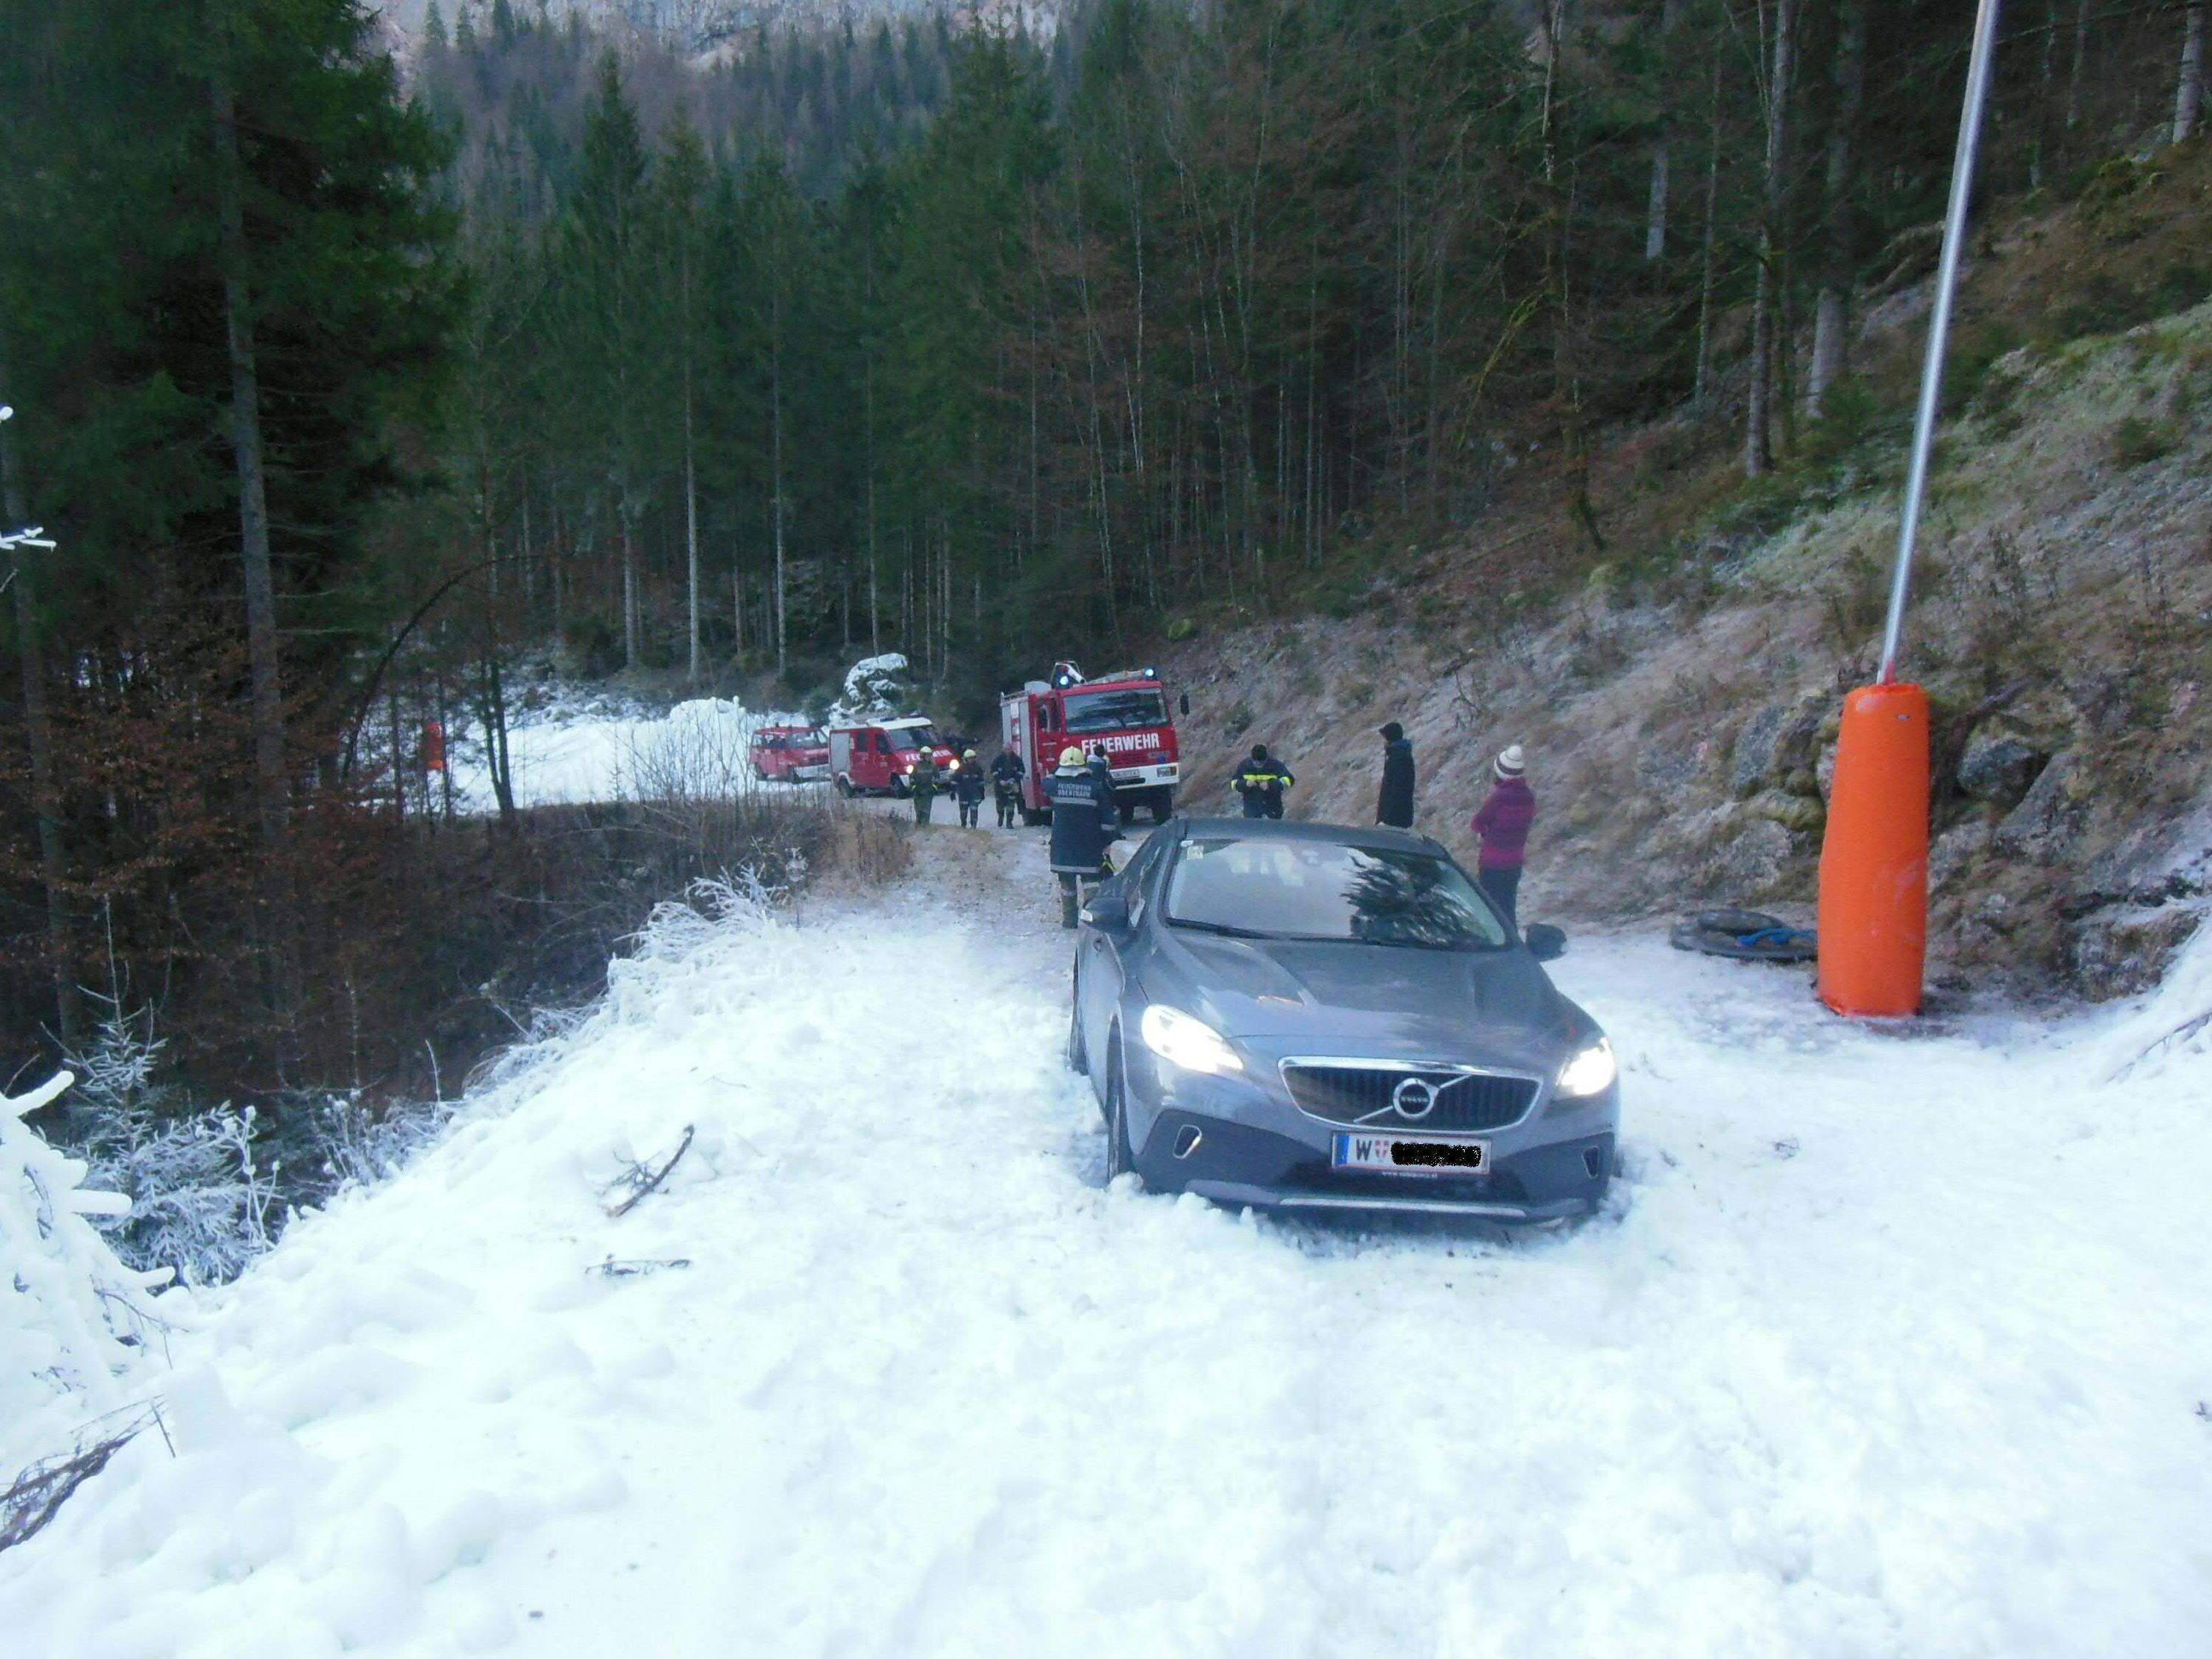 Die Wiener blieben mit ihrem Auto auf der Skipiste stecken.